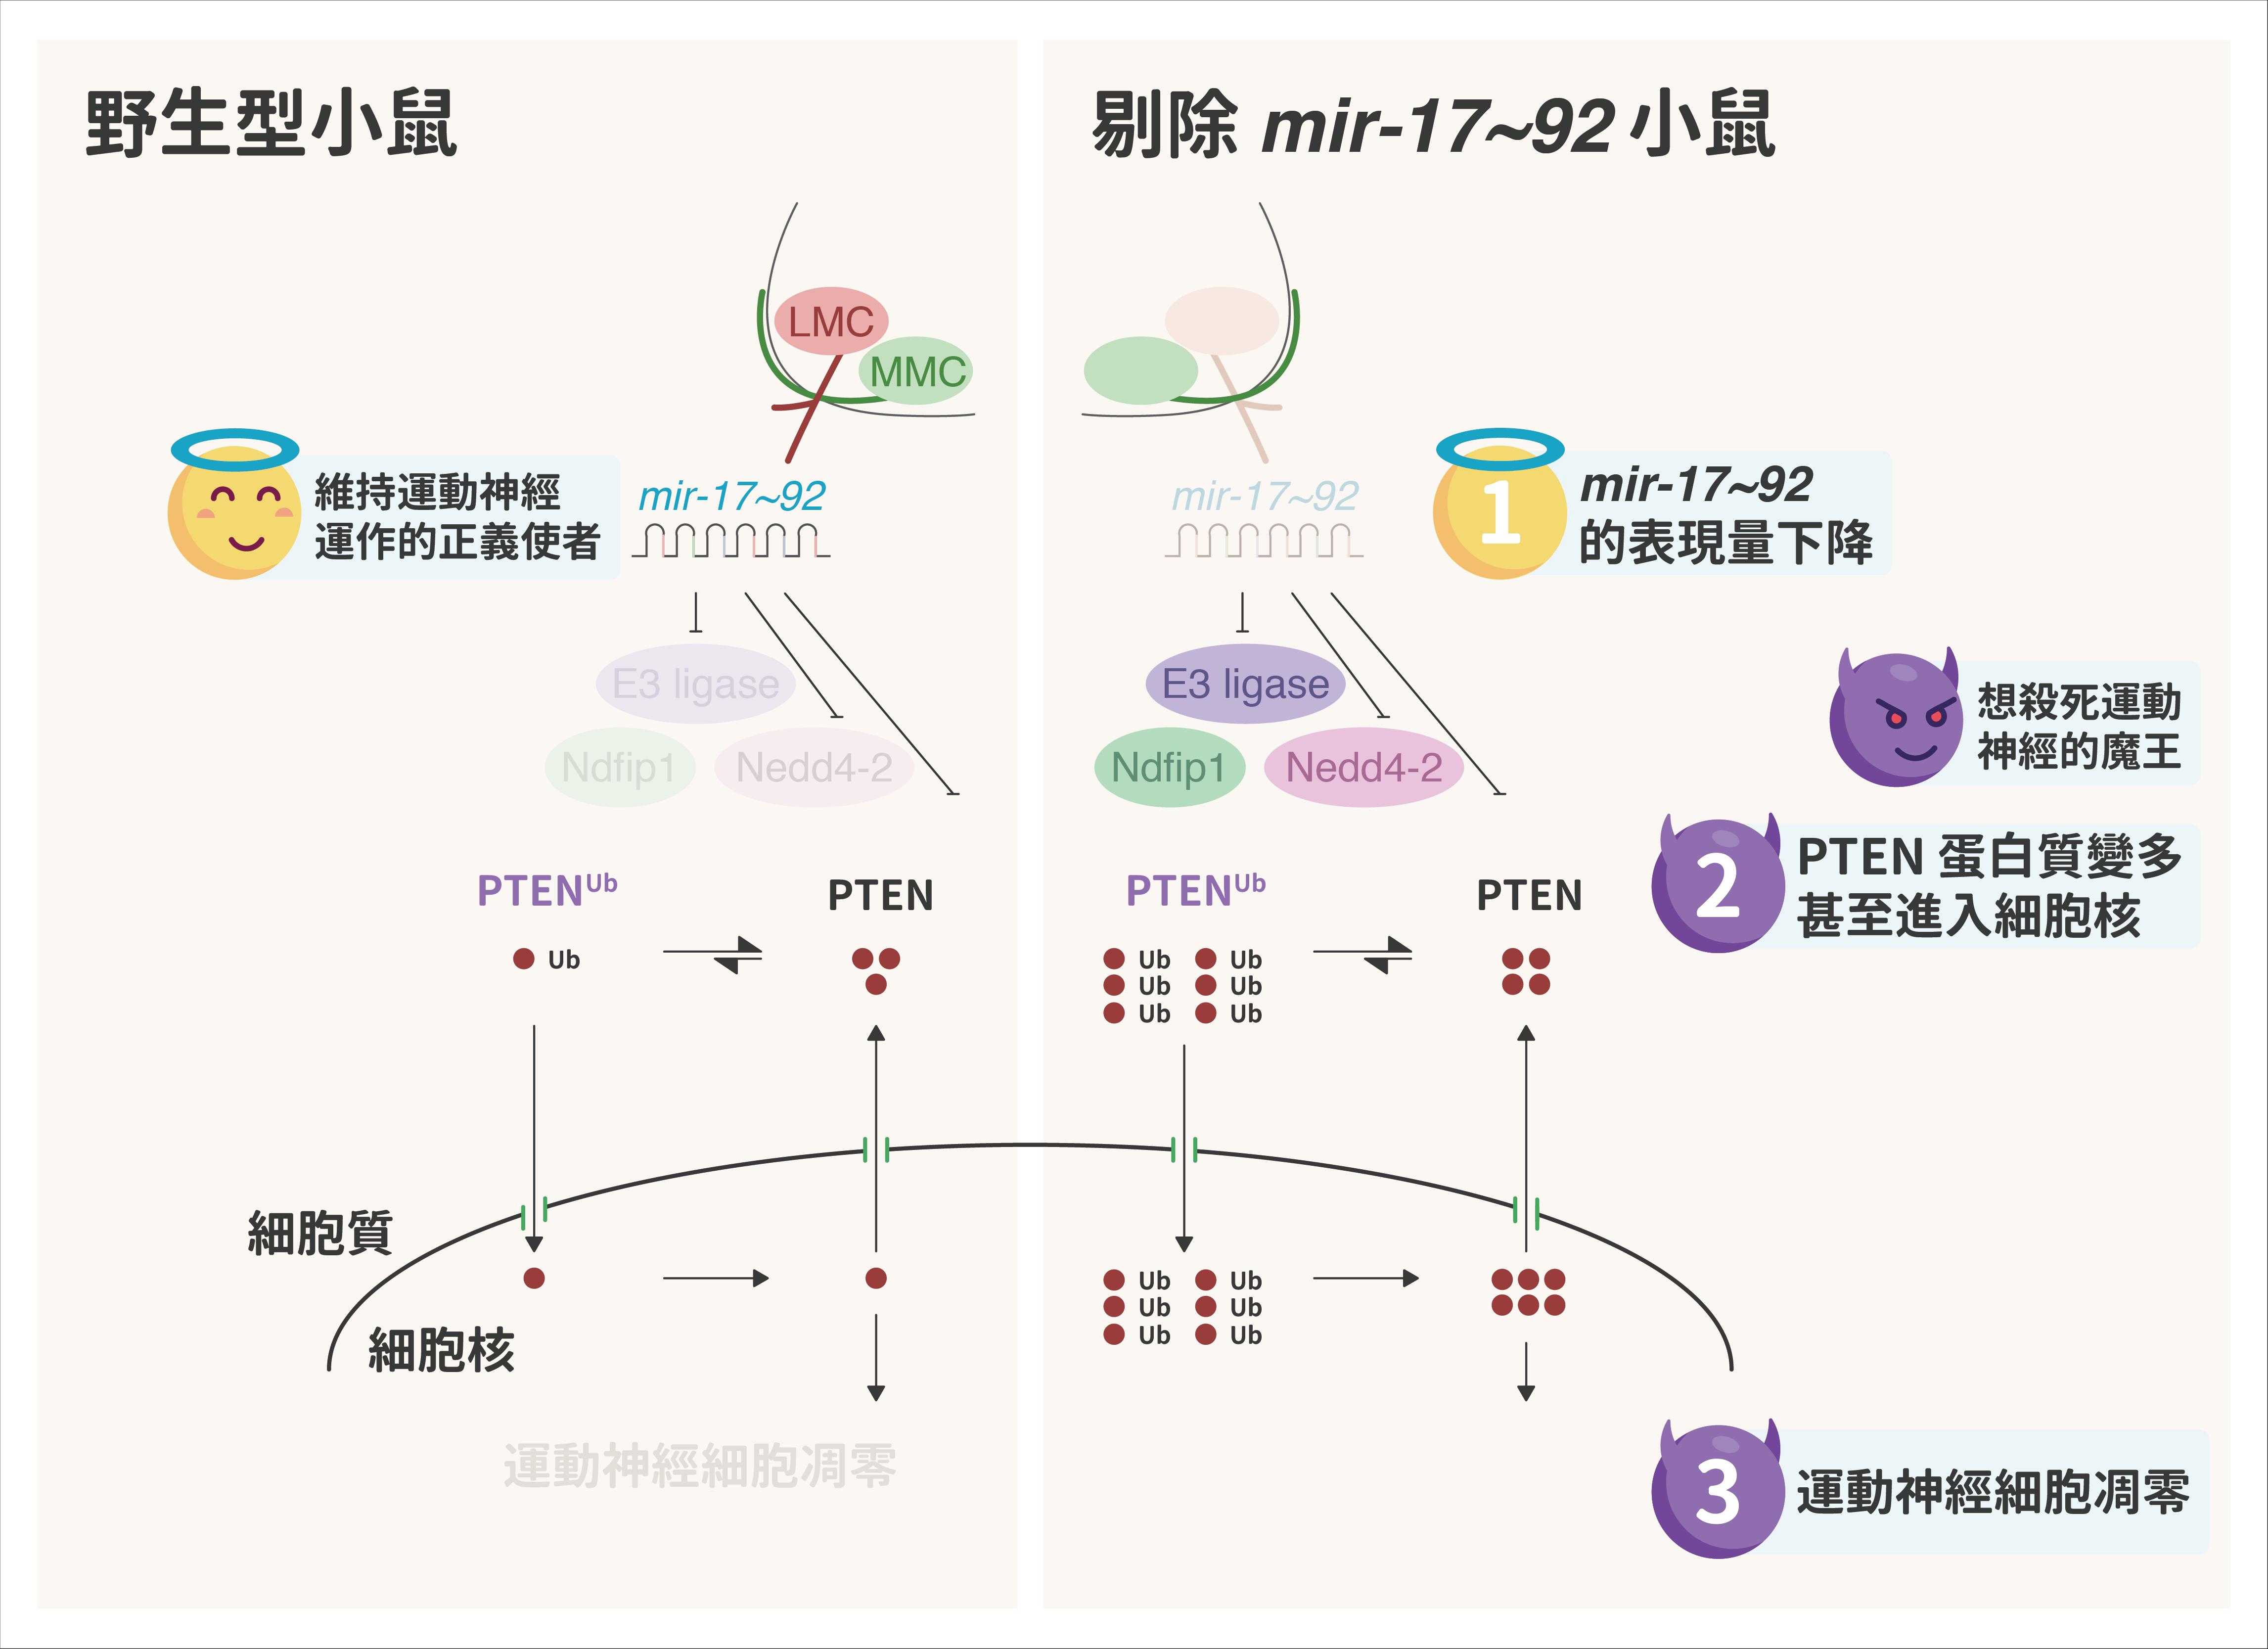 野生型小鼠(左)由於有 mir-17~92 抑制 PTEN 蛋白質,維持運動神經細胞正常運作。但剔除 mir-17~92 的小鼠,PTEN 蛋白質變多,甚至進入運動神經細胞裡、造成細胞凋零。 資料來源│Mir-17~92 Governs Motor Neuron Subtype Survival by Mediating Nuclear PTEN. 圖說重製│林婷嫻、張語辰